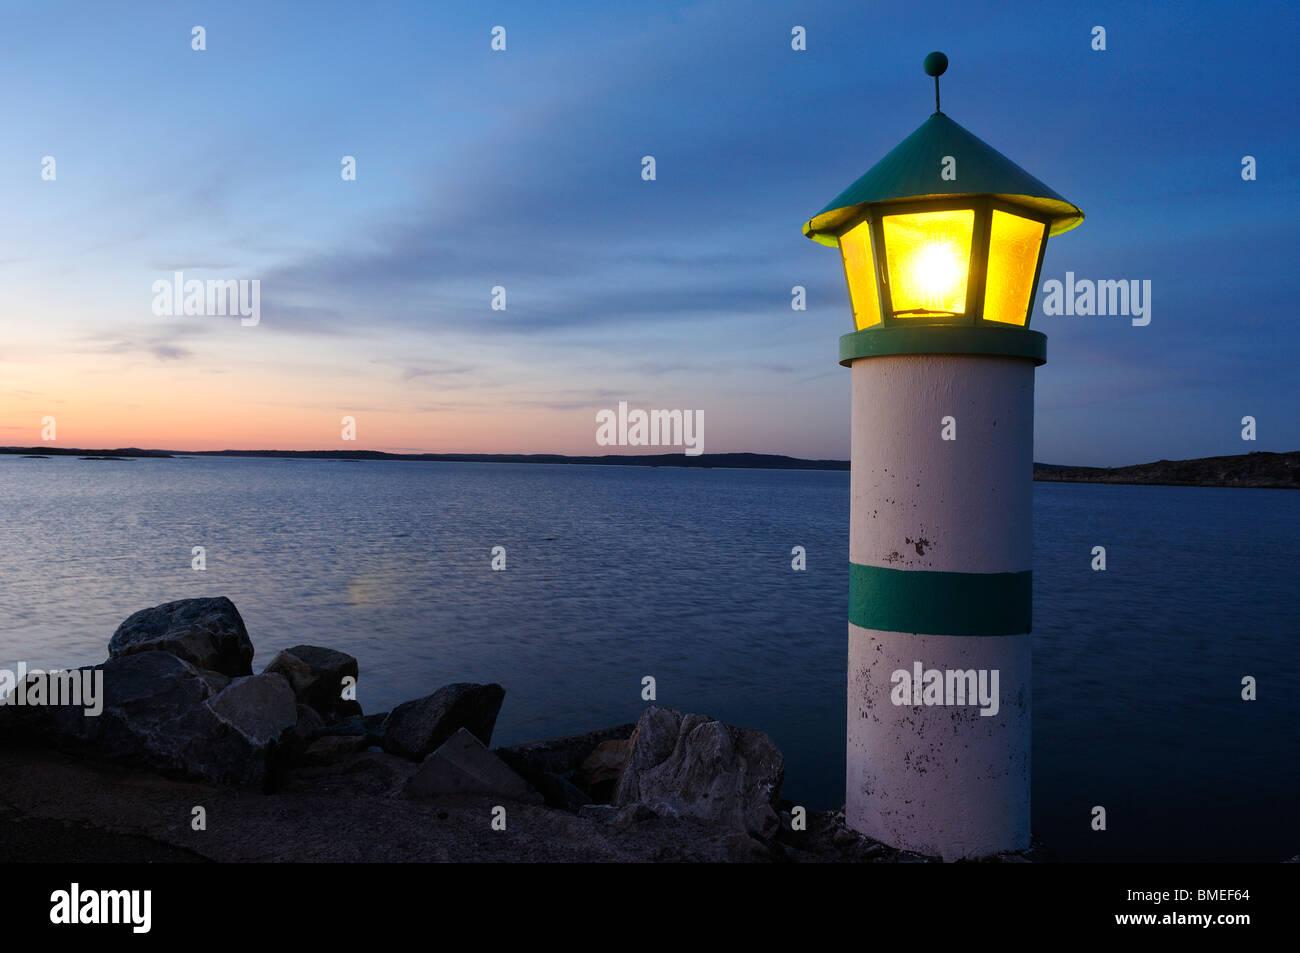 Scandinavia, Sweden, Vastkusten, View of illuminated lighthouse on sea - Stock Image